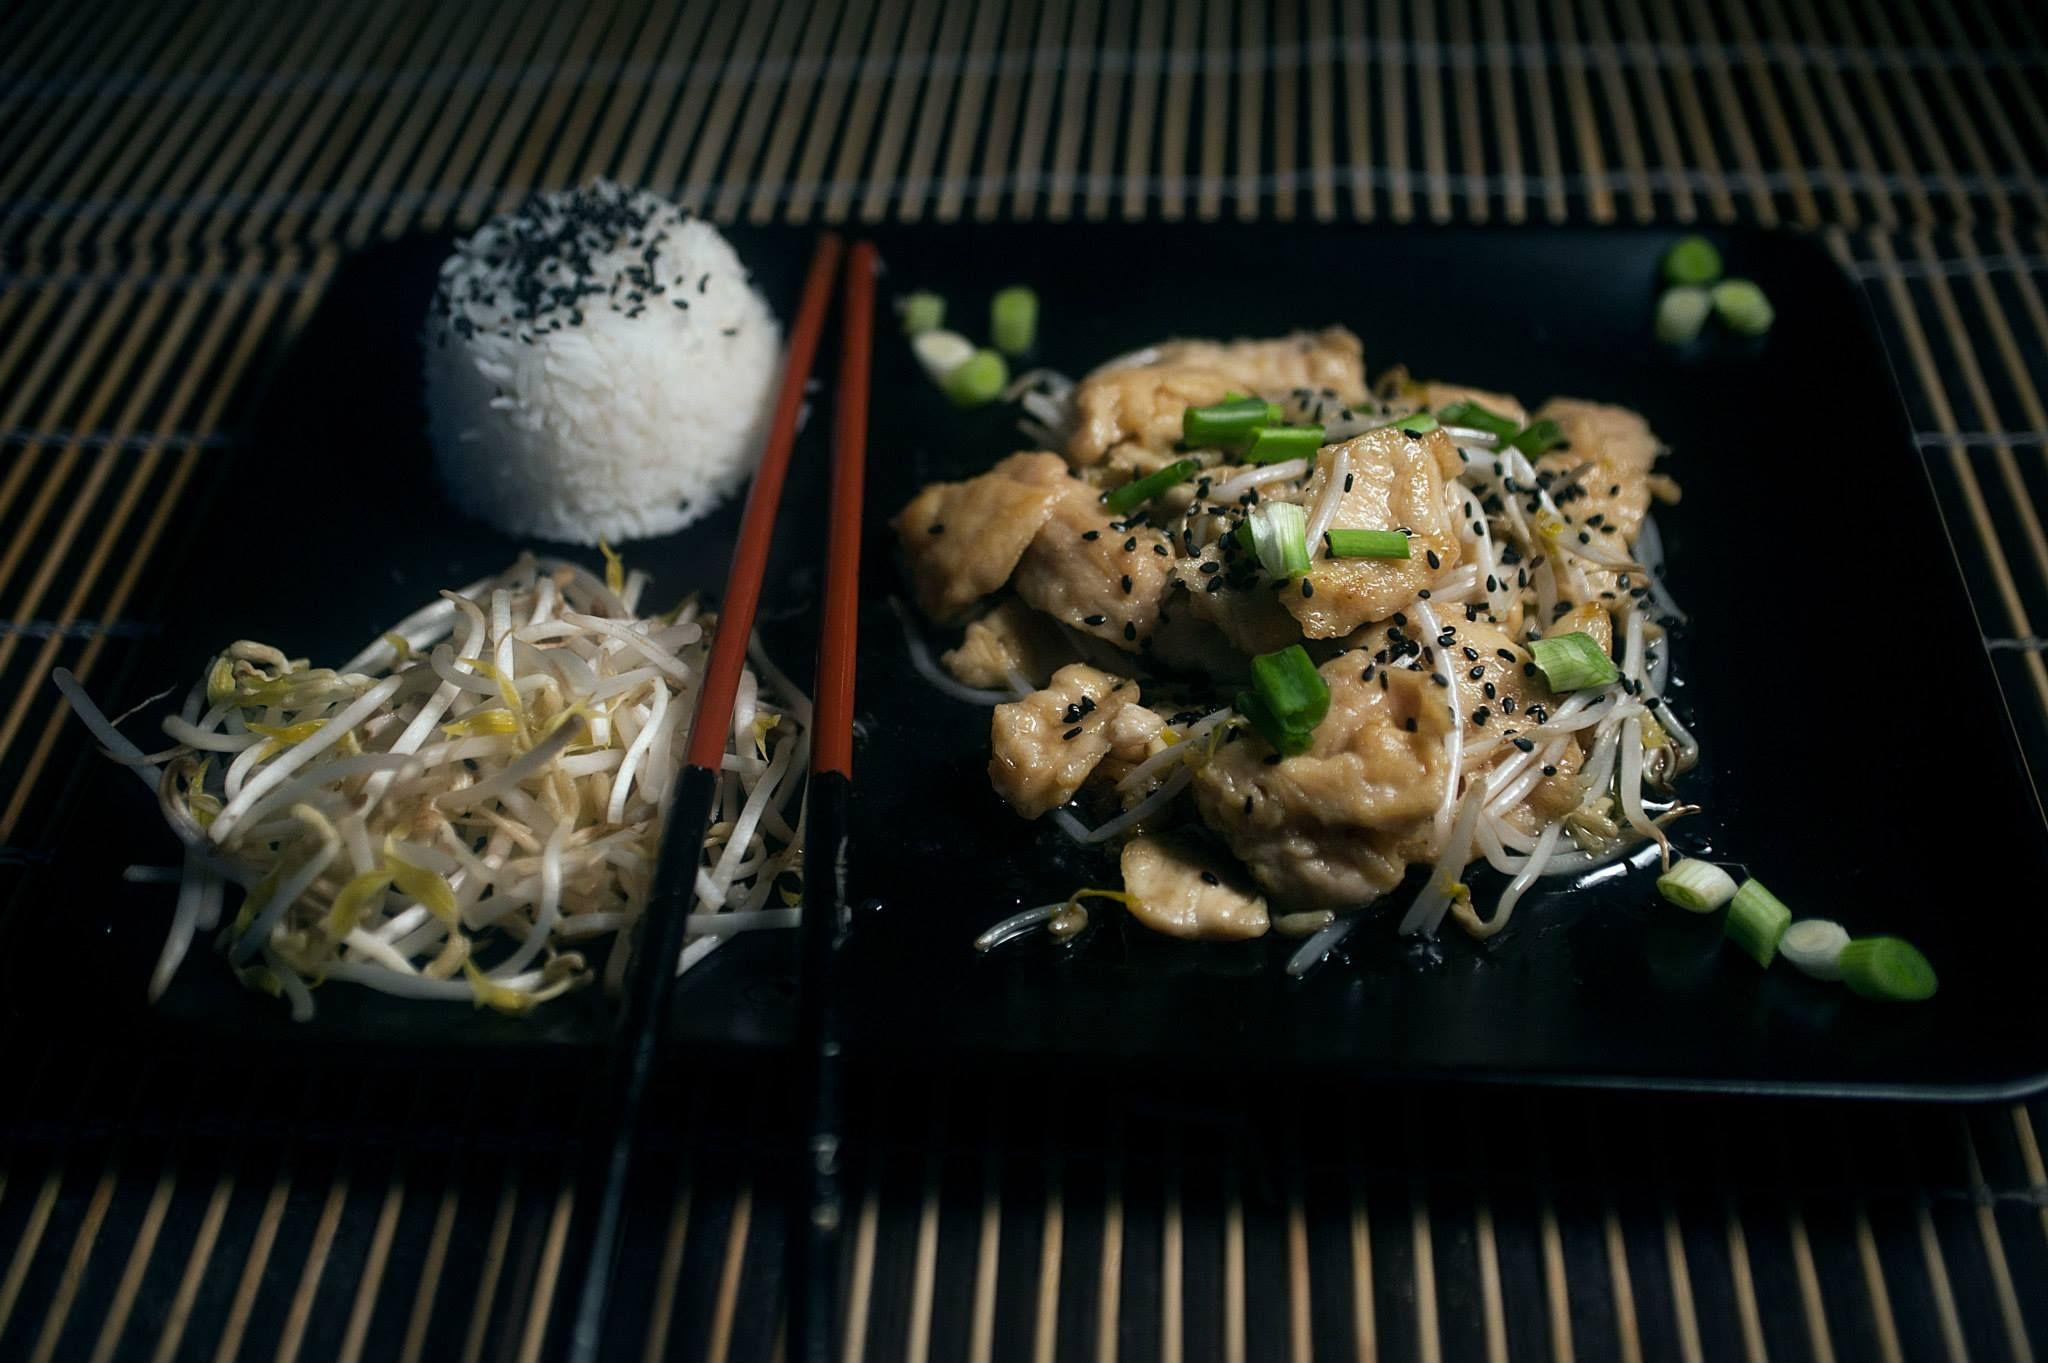 cucina cinese china chinese food cibo pollo chicken germogli di soia ...